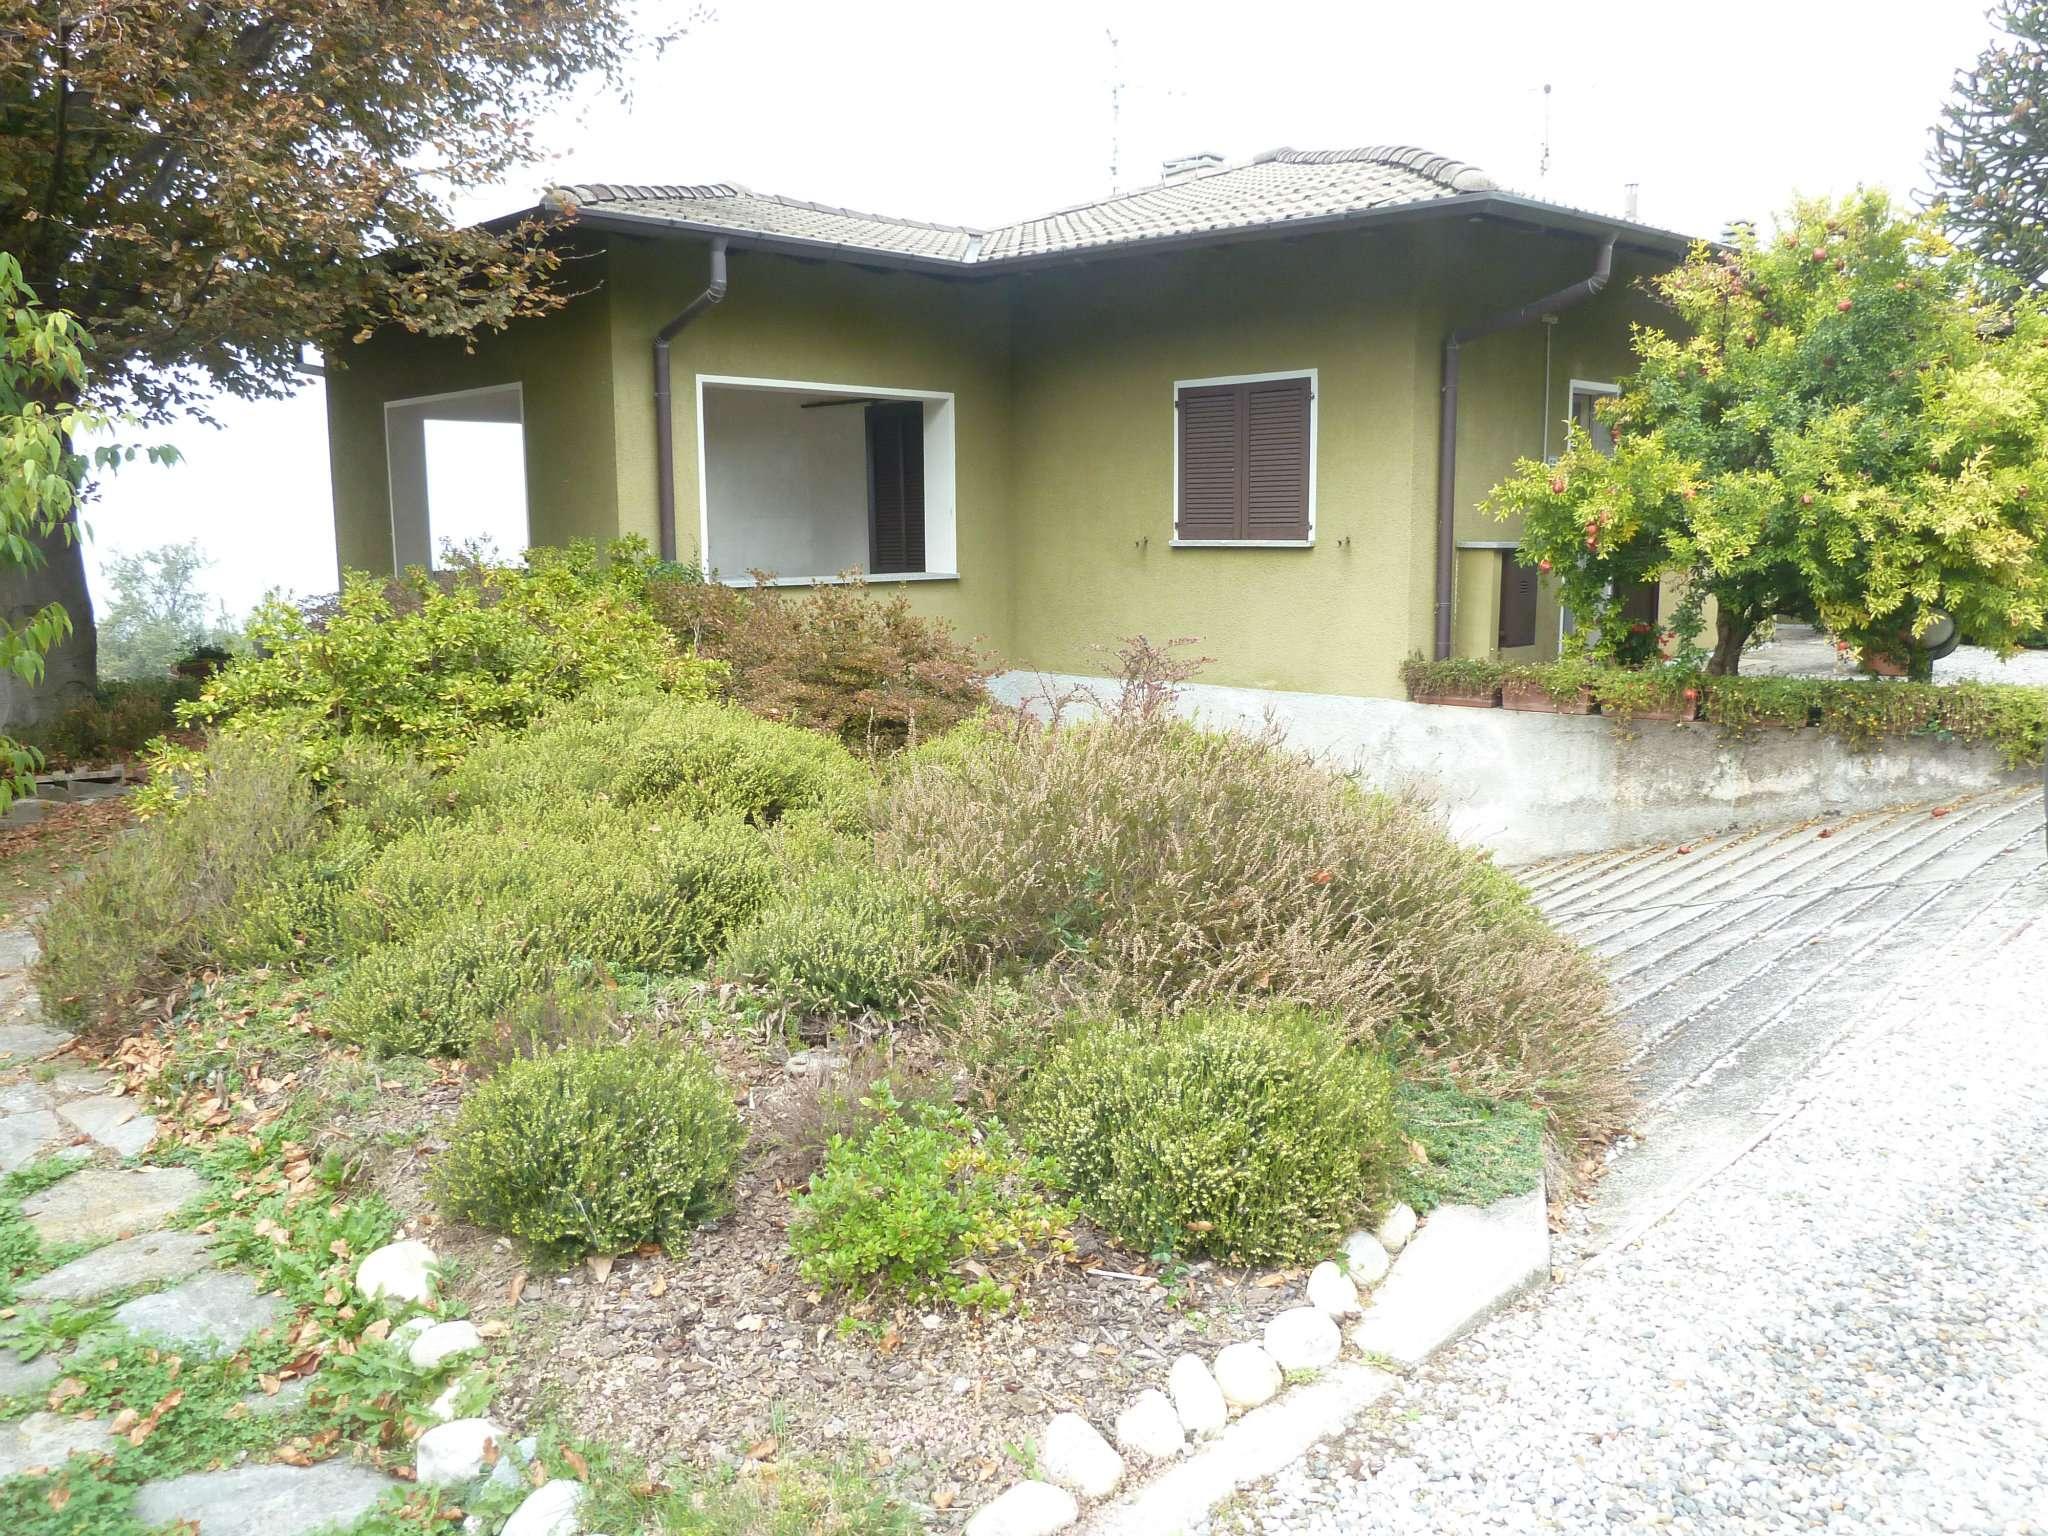 Villa Bifamiliare in vendita a Castelveccana, 4 locali, prezzo € 315.000 | PortaleAgenzieImmobiliari.it